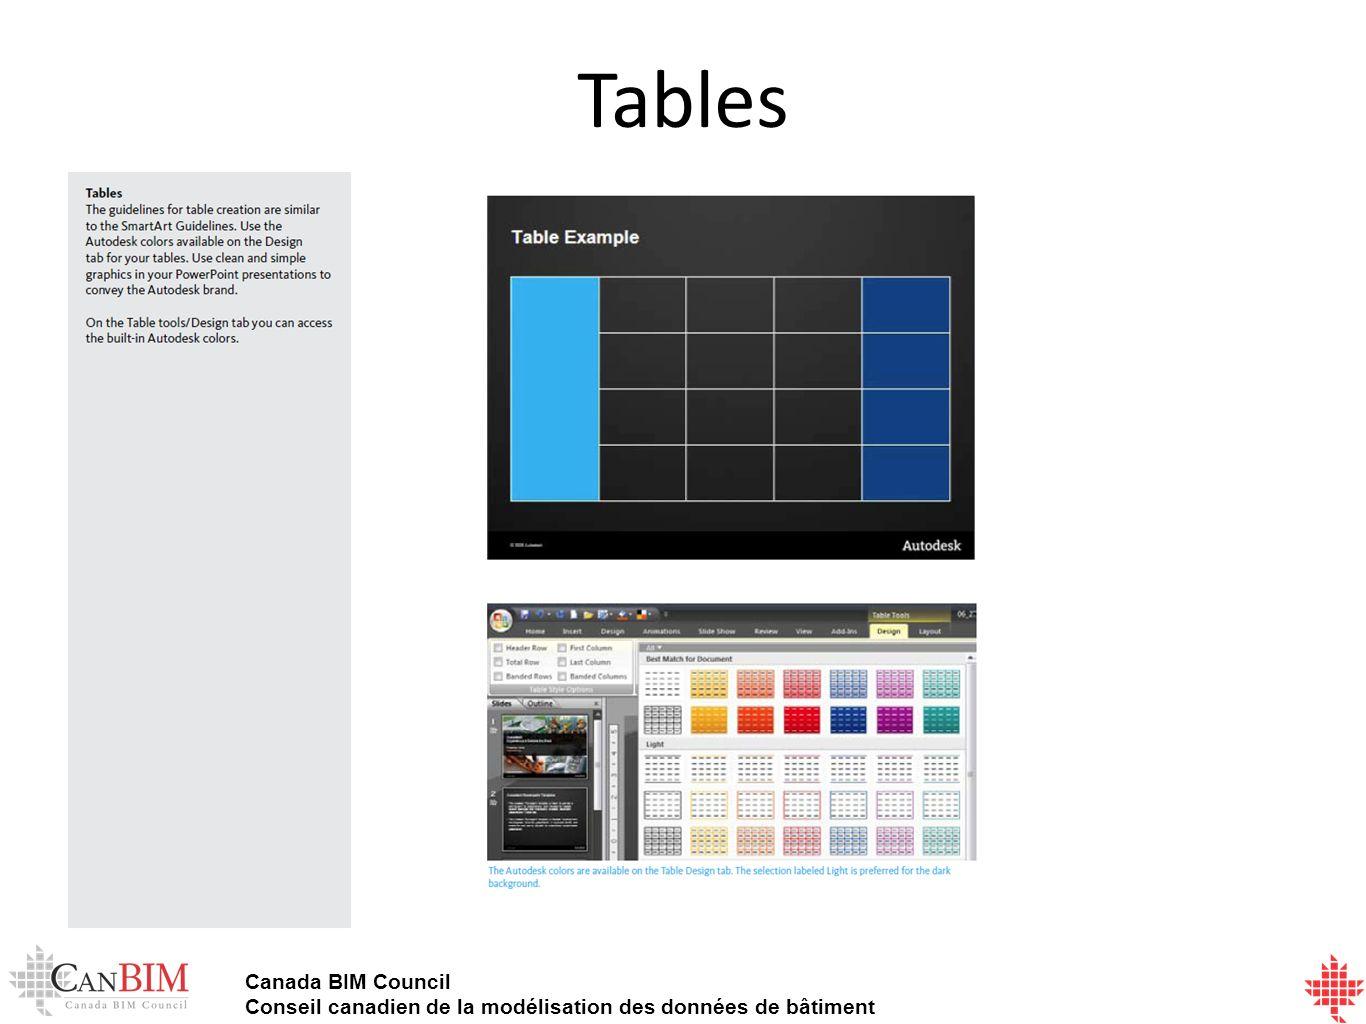 Canada BIM Council Conseil canadien de la modélisation des données de bâtiment Tables